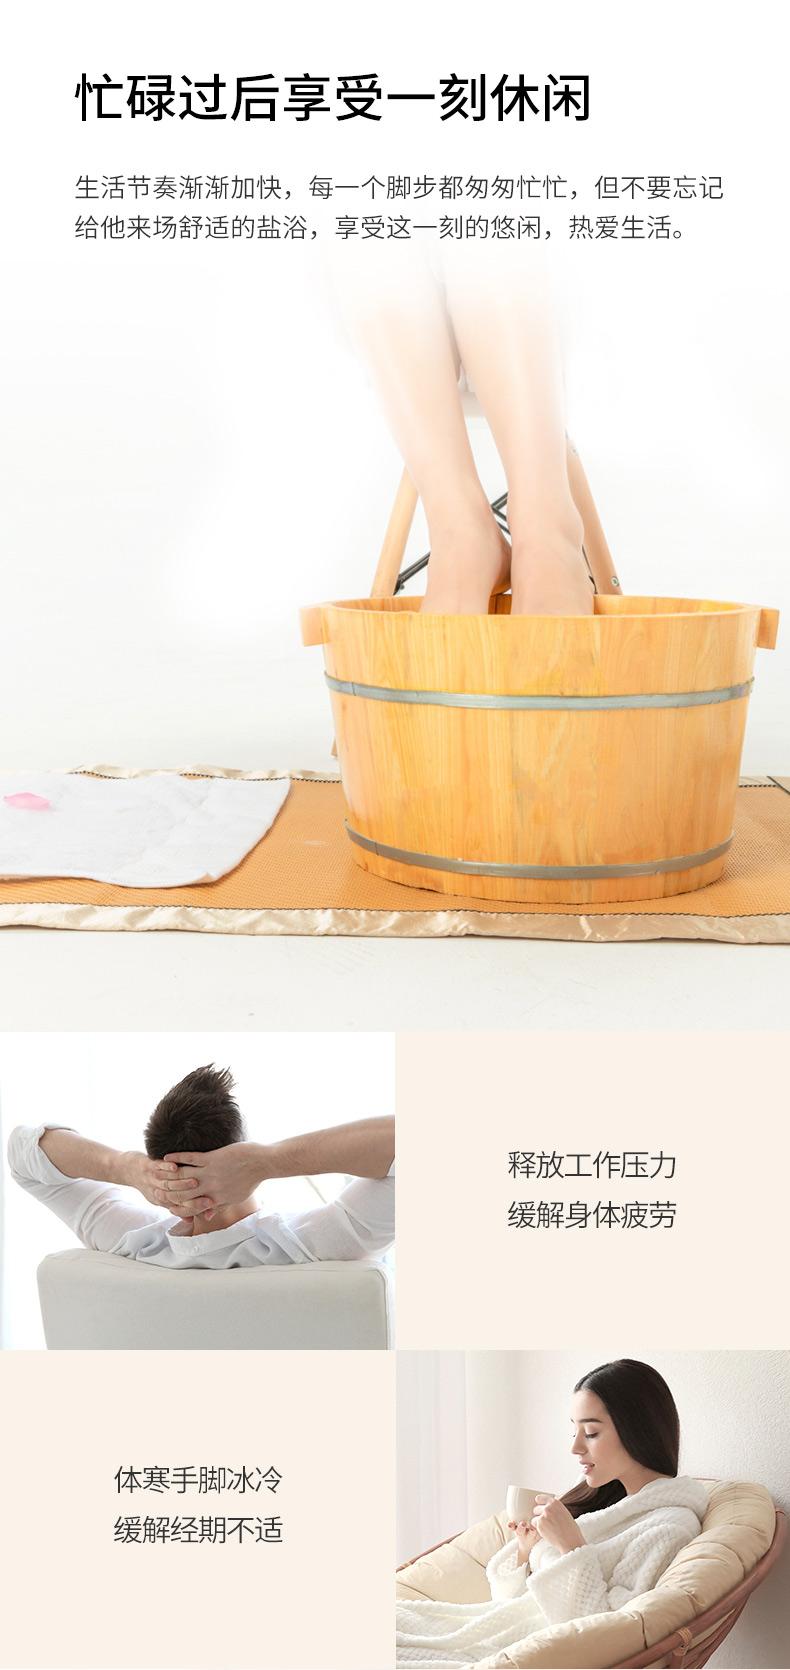 日本百年个护 巴斯克林 生姜人参足浴盐 爆汗汤泡脚 600g 图15